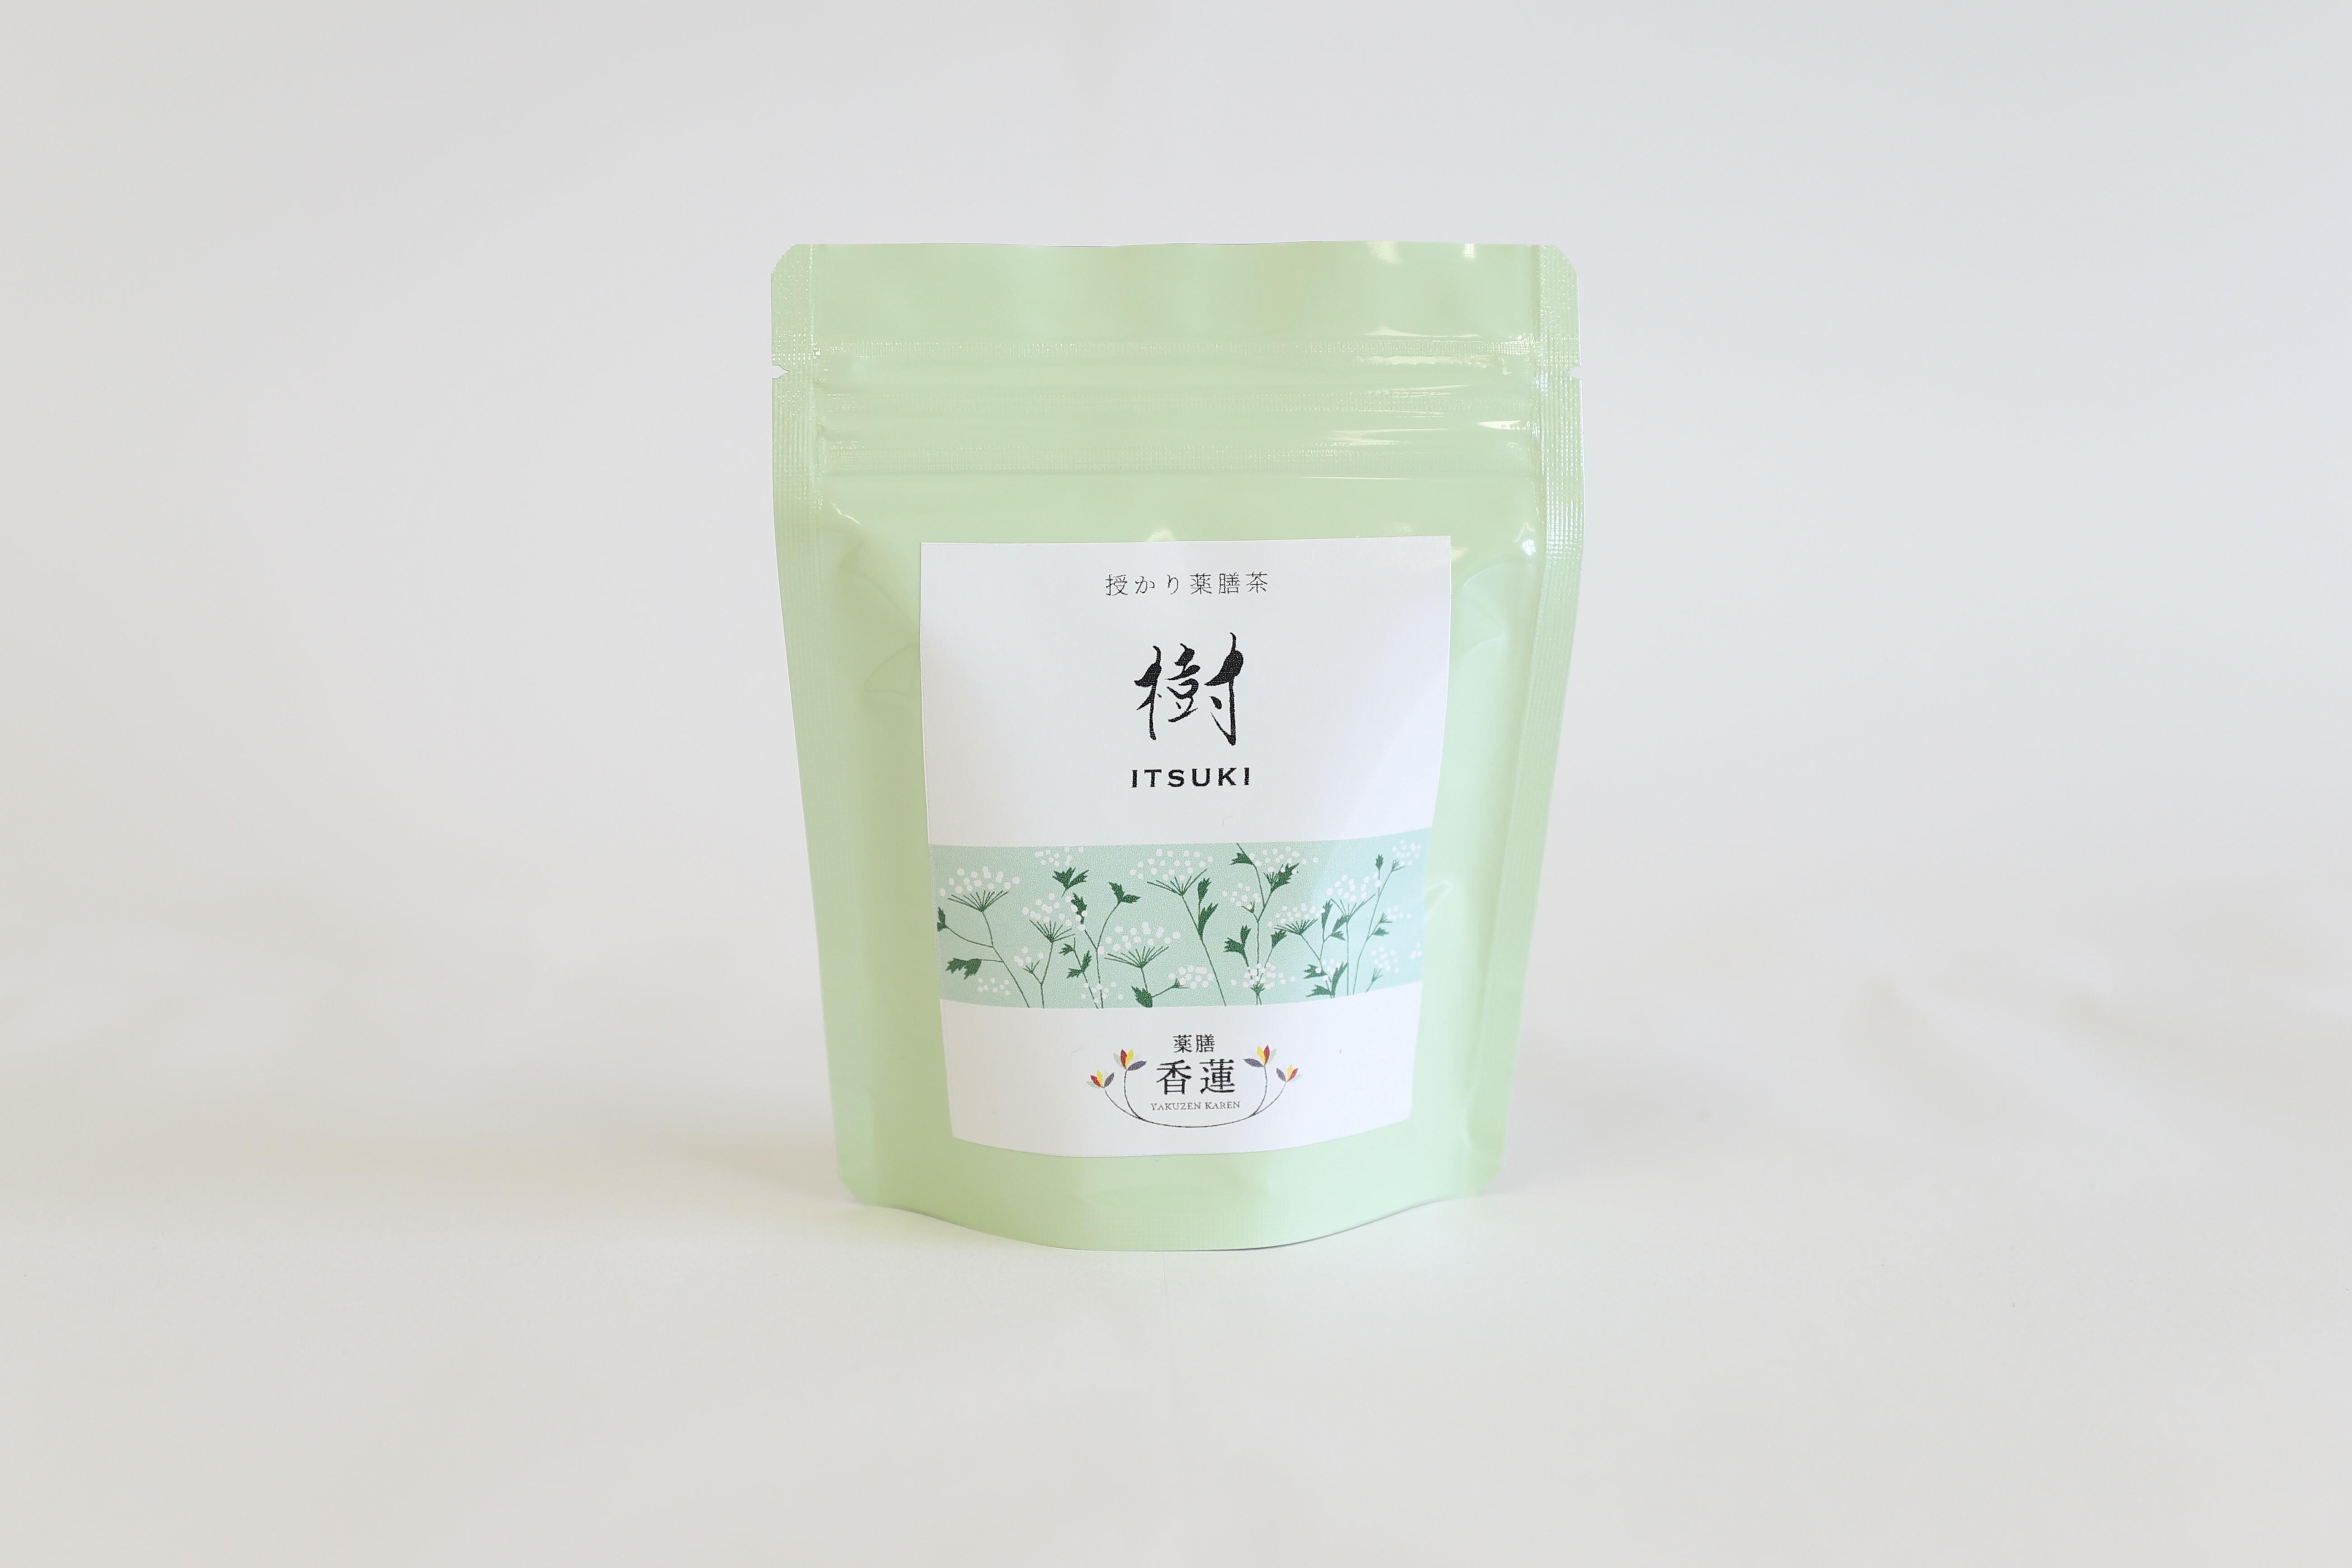 授かり薬膳®茶 樹(ITSUKI) お試し 5包入り